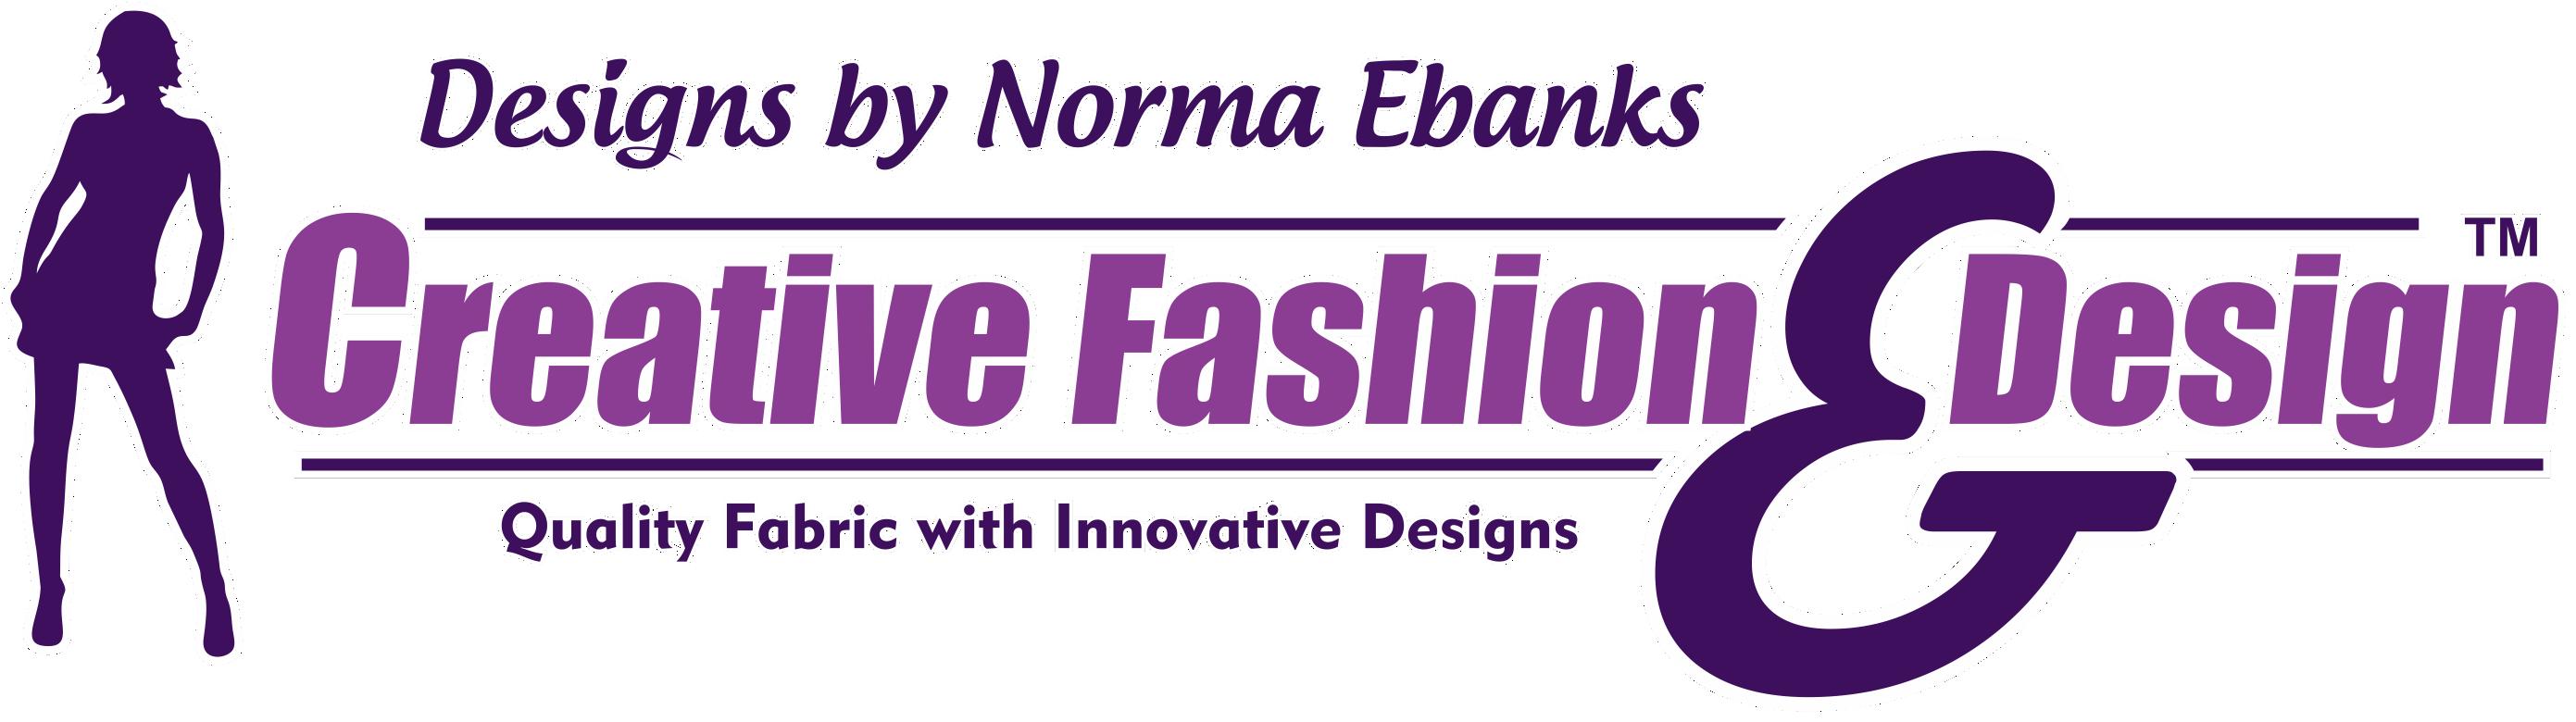 Creative Fashion & Design (Logo) 2014 PN